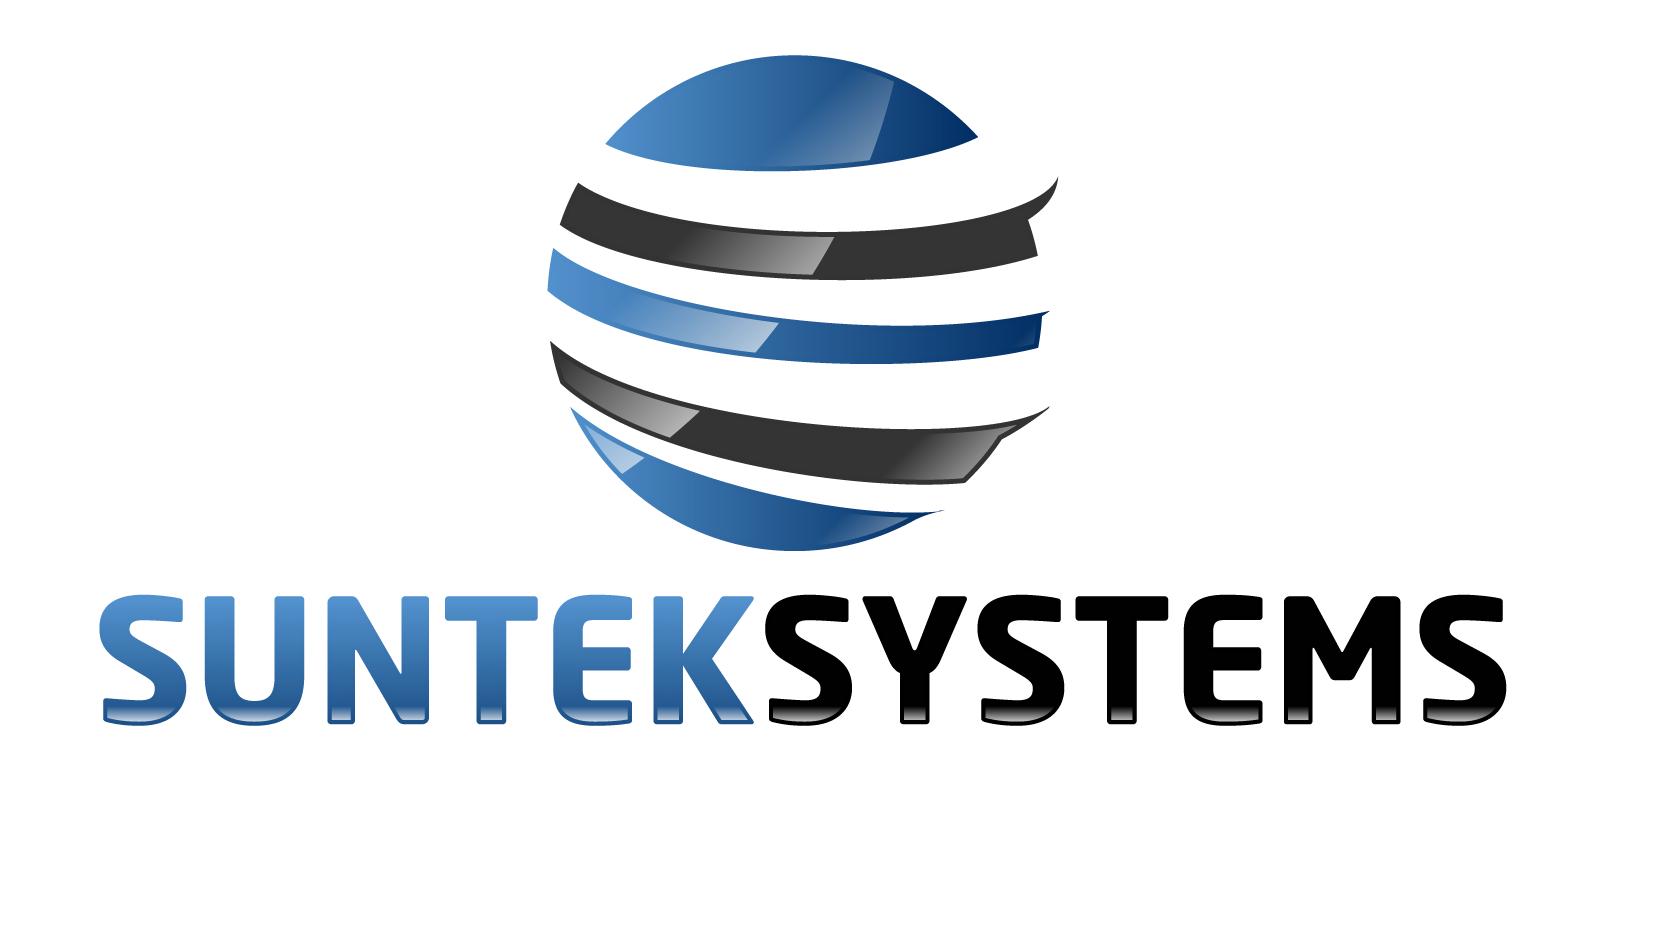 Suntek Systems (Pleasanton)